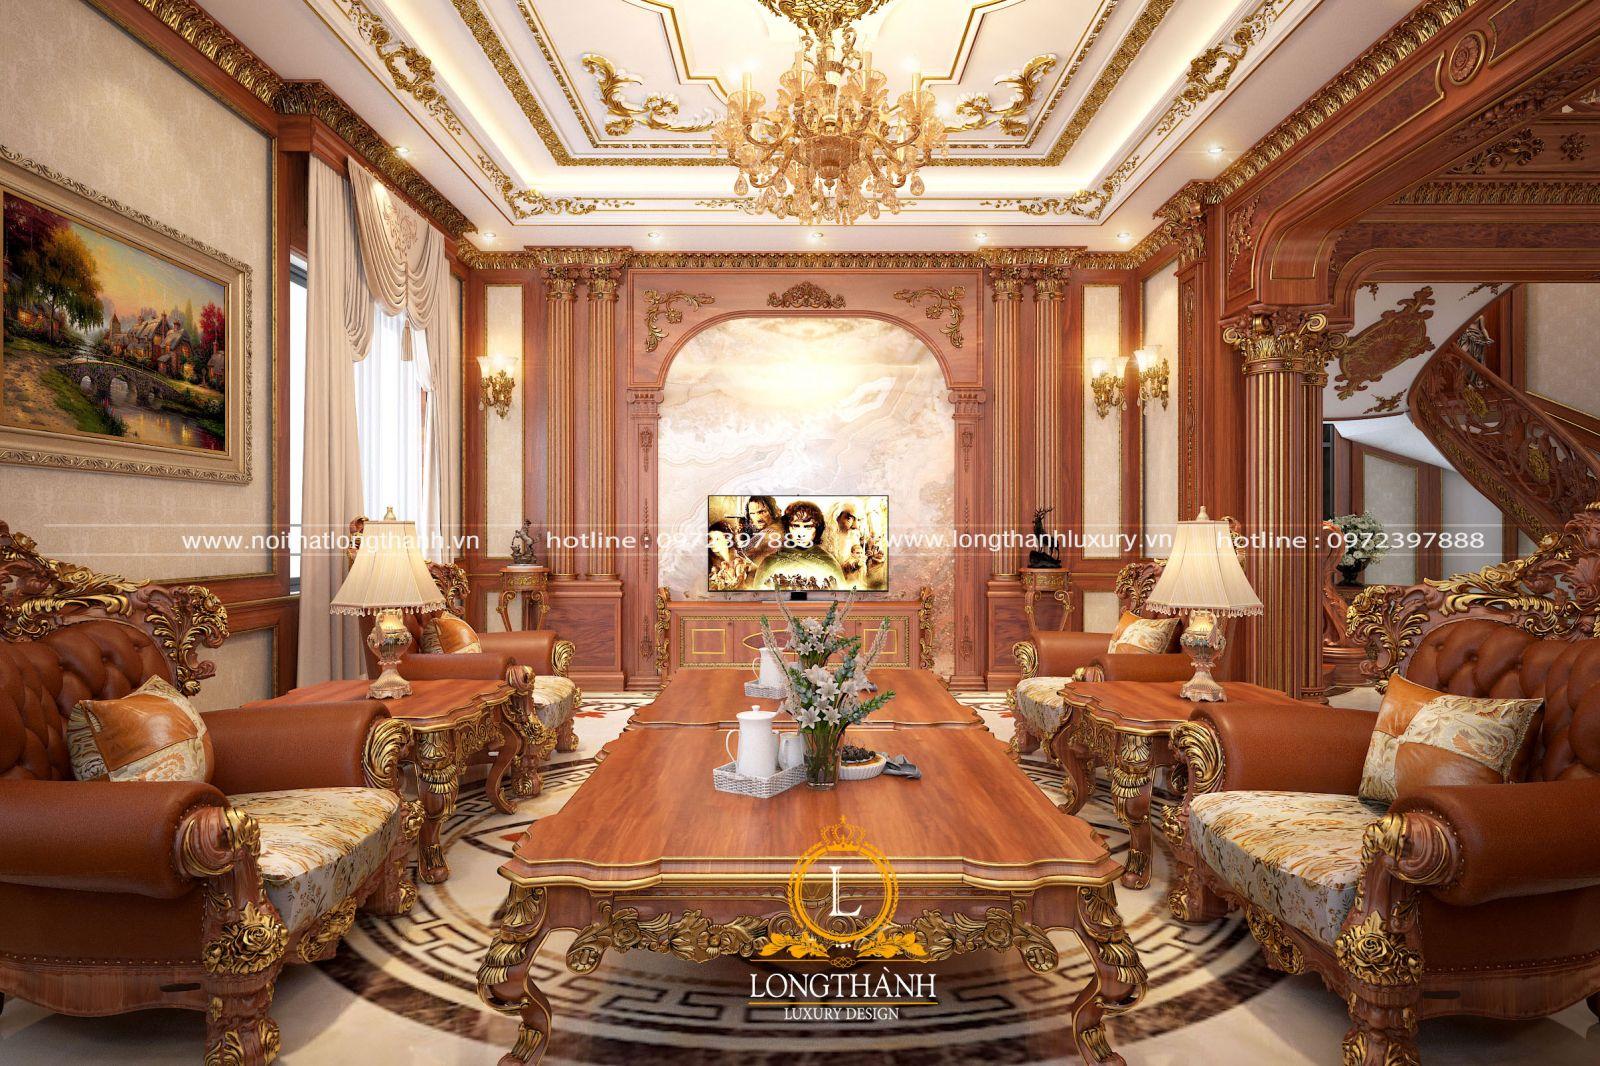 Sofa dát vàng cổ điển